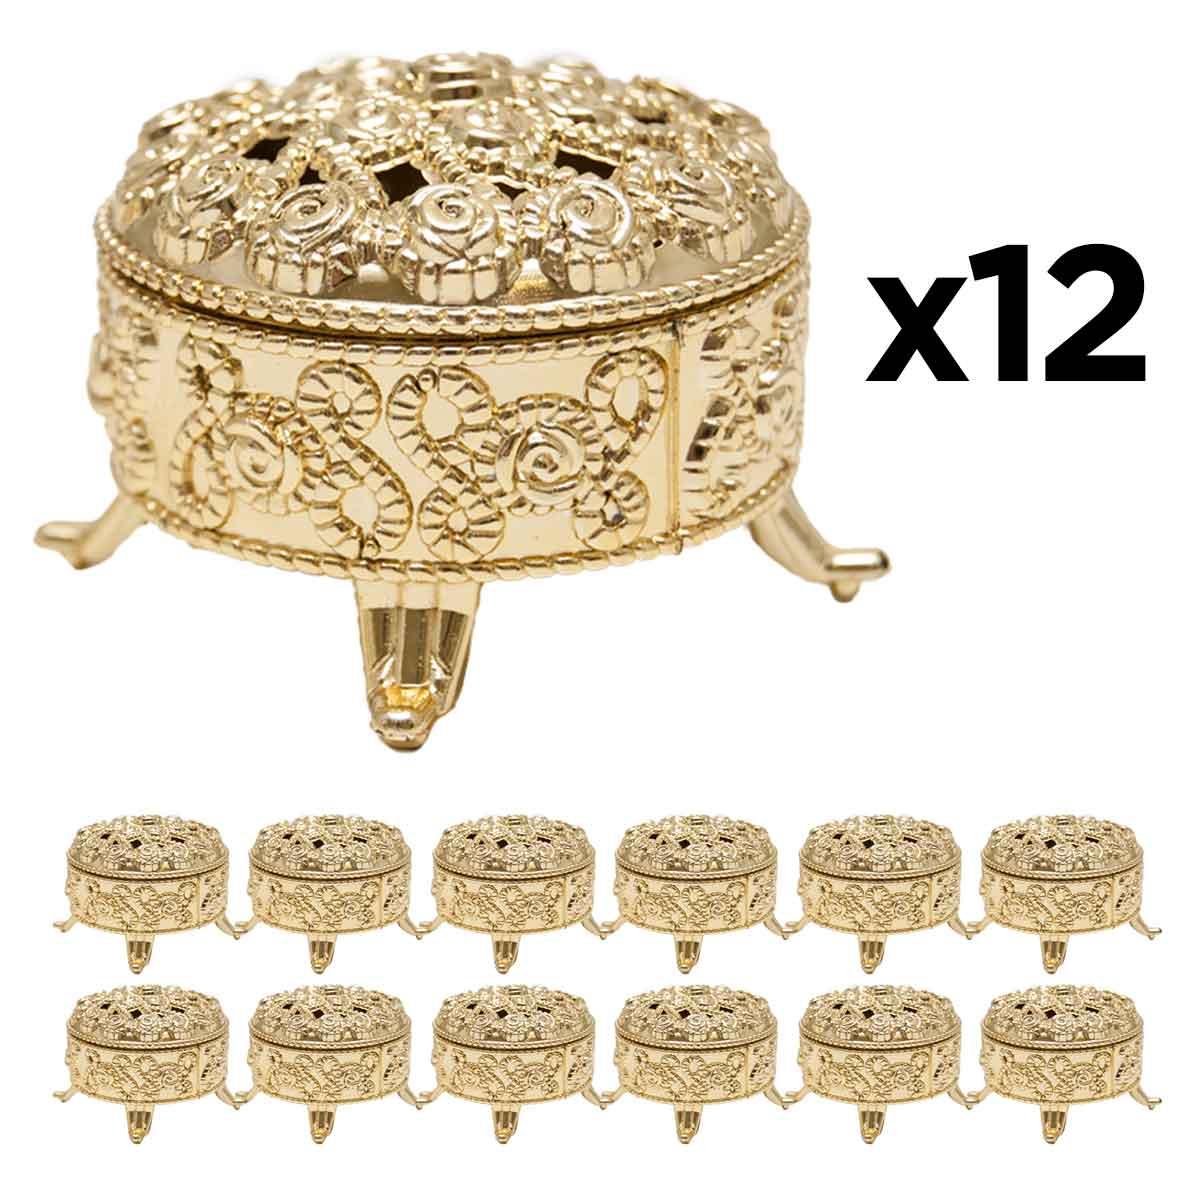 Kit 12 Mini Porta Joias Dourados Lembrancinhas Decoração